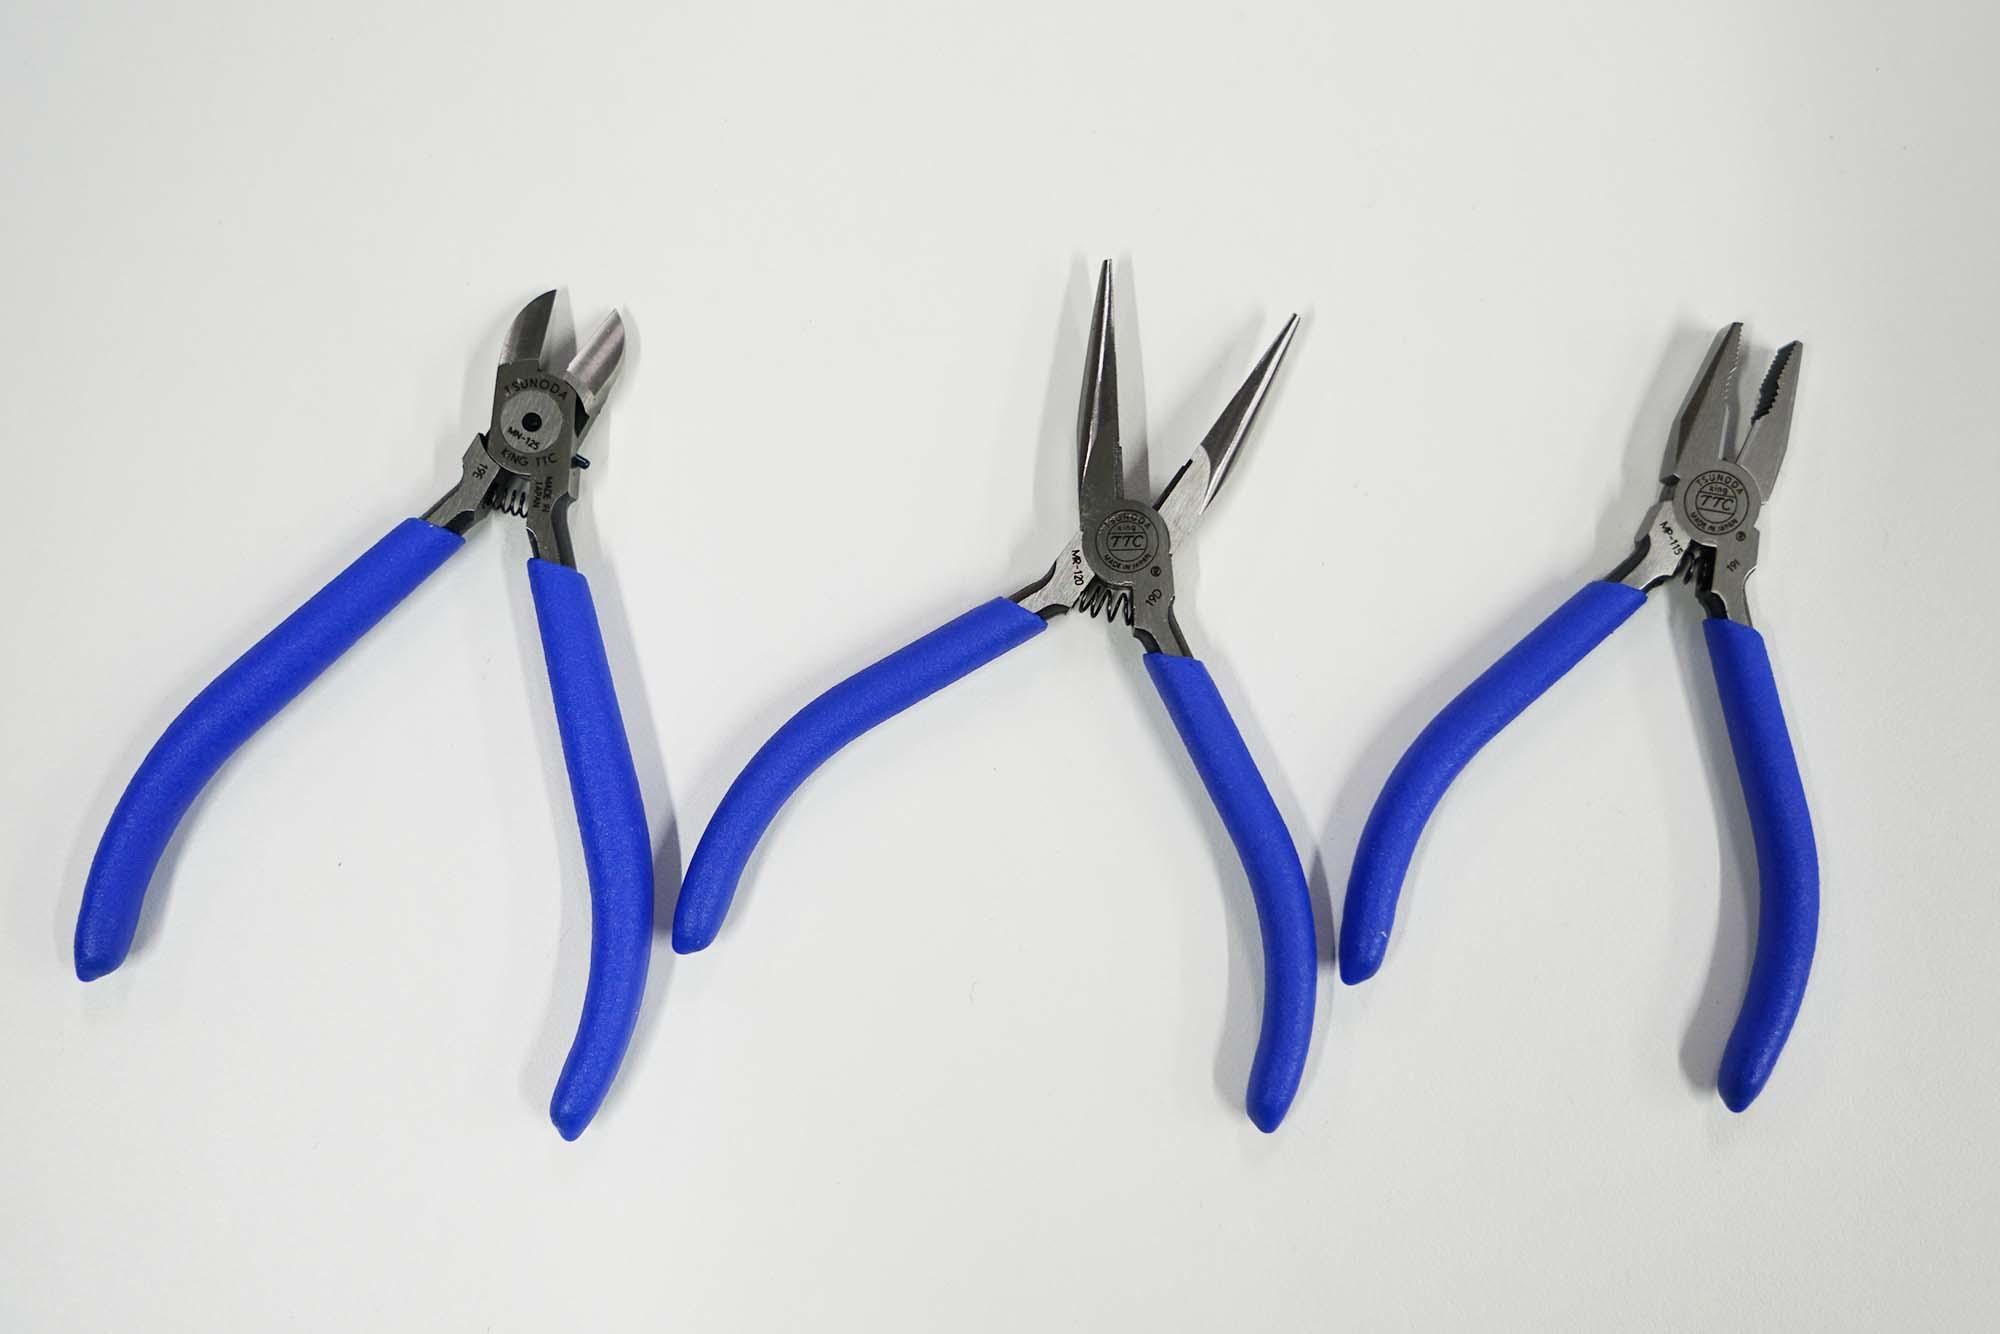 【専用工具で仕上りがキレイ】ミニDIY基本工具3点セット CS015019